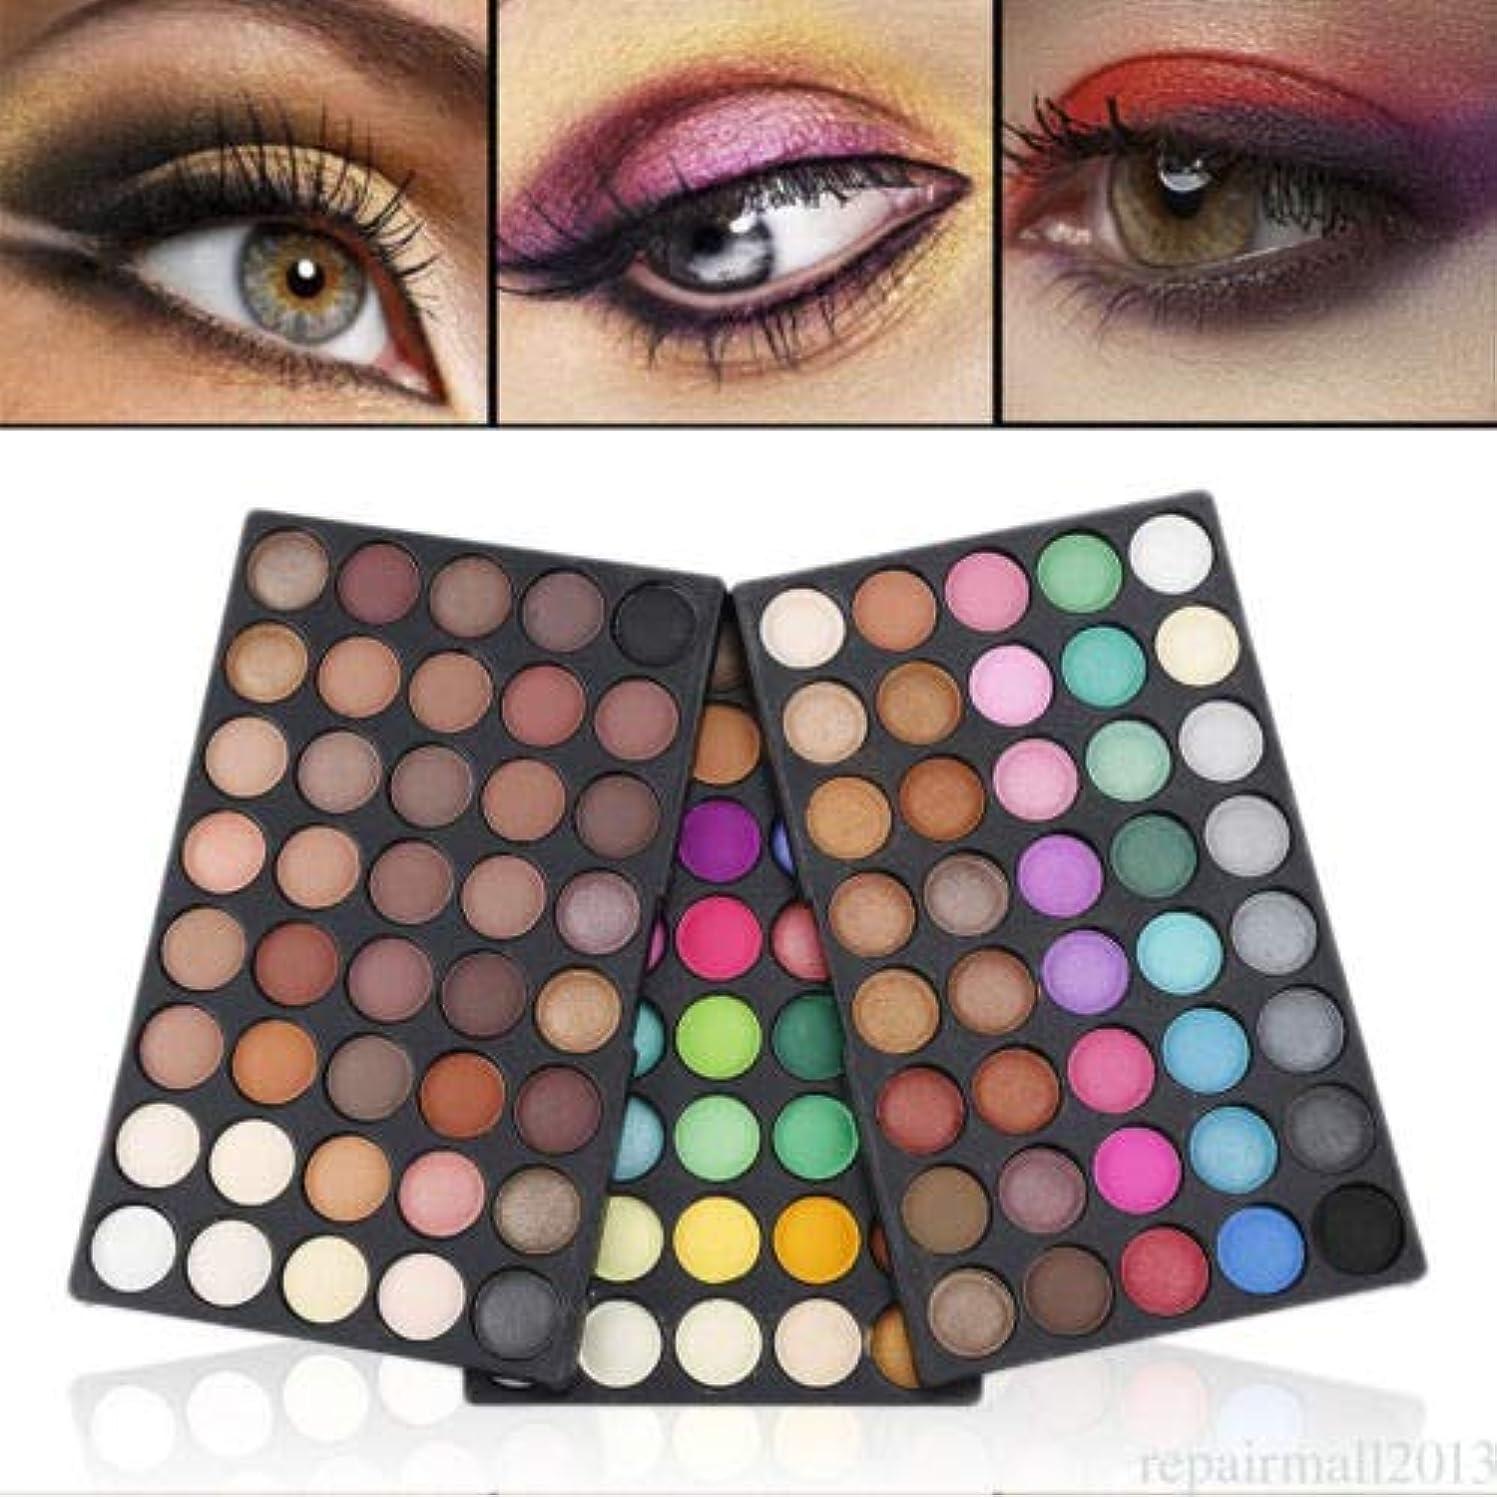 染色目立つセレナFidgetGear 120色アイシャドー化粧品メイクアップシマーマットアイシャドーパレットセットキットKM0